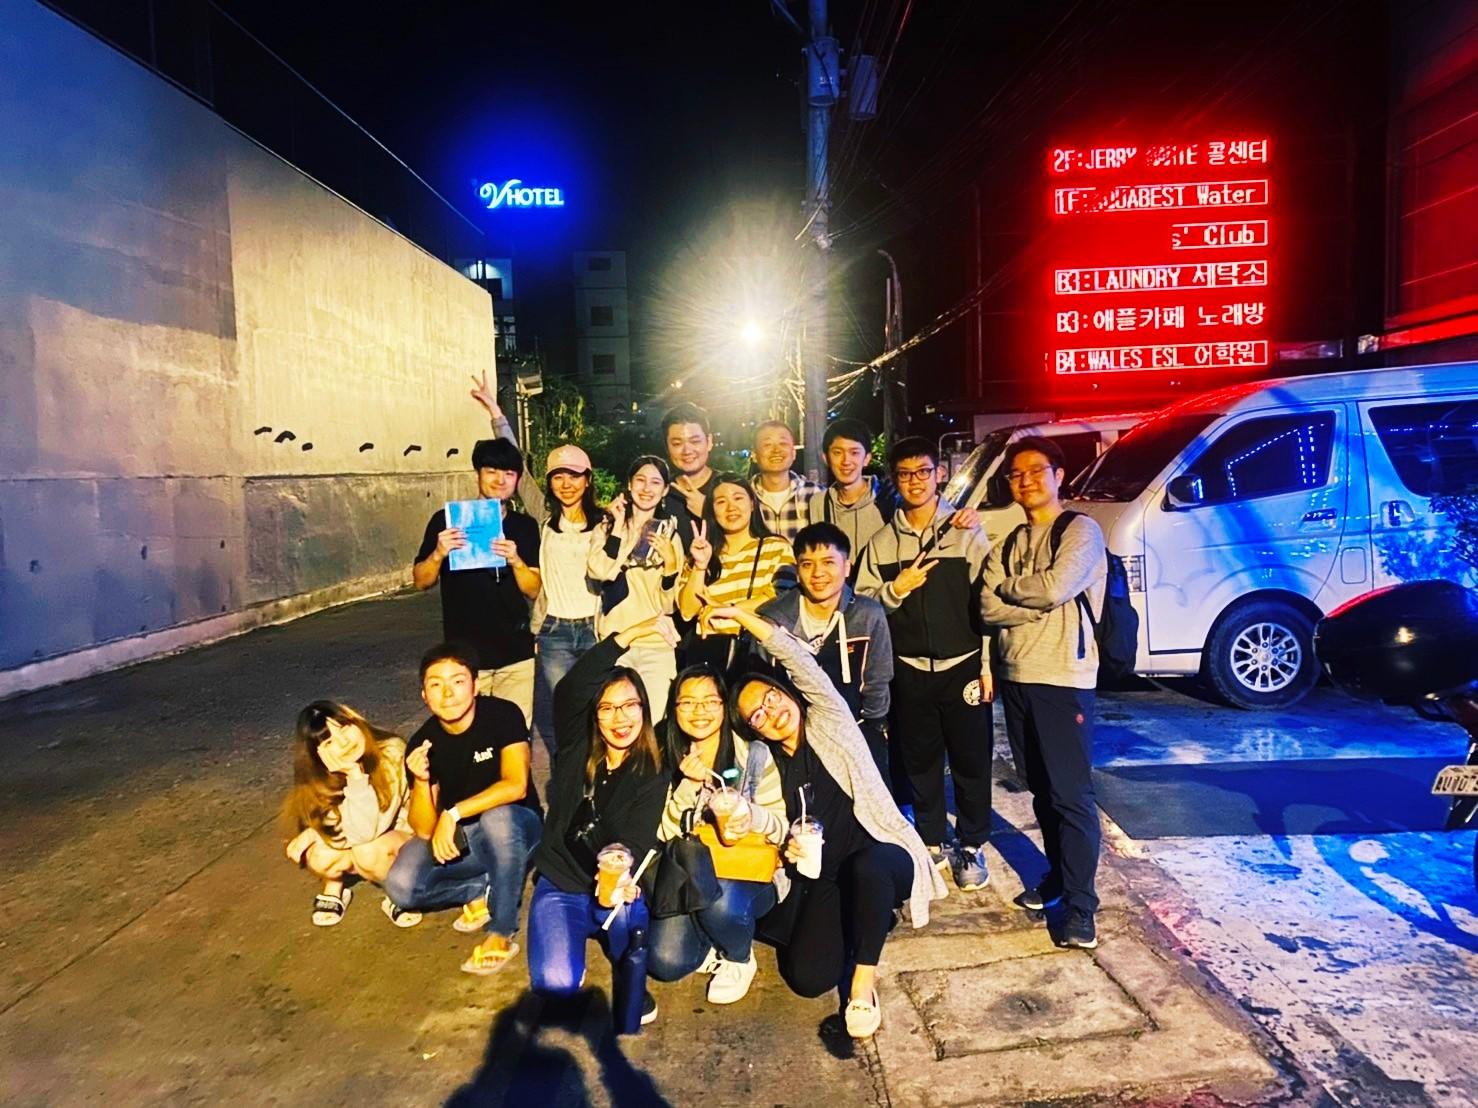 【菲律賓遊學】啟程去菲律賓Wales,遇見不一樣的自己-雅思聽力從3.5進步到7.0